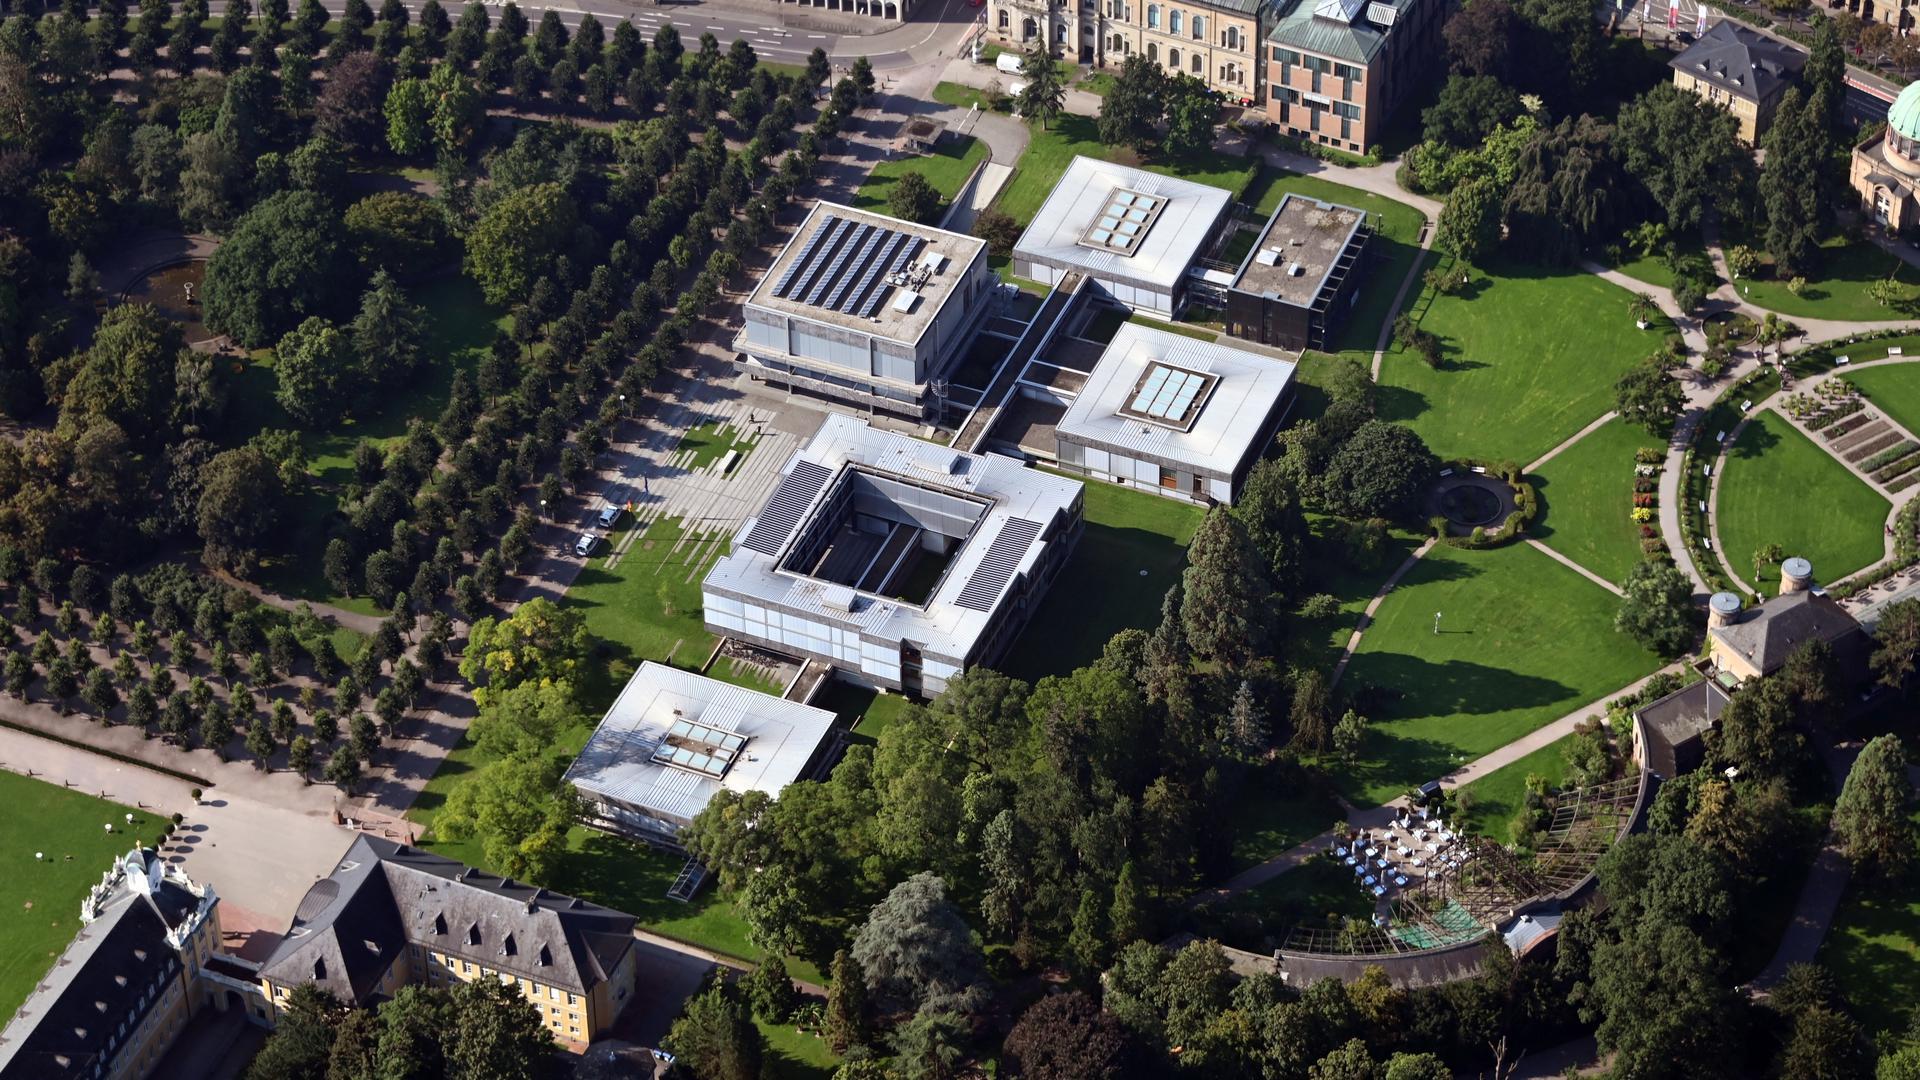 Als das Prinz-Max-Palais zu klein wurde, zog das Bundesverfassungsgericht an den Rand des Karlsruher Schlossgartens, in das Gebäudeensemble des Architekten Paul Baumgarten.